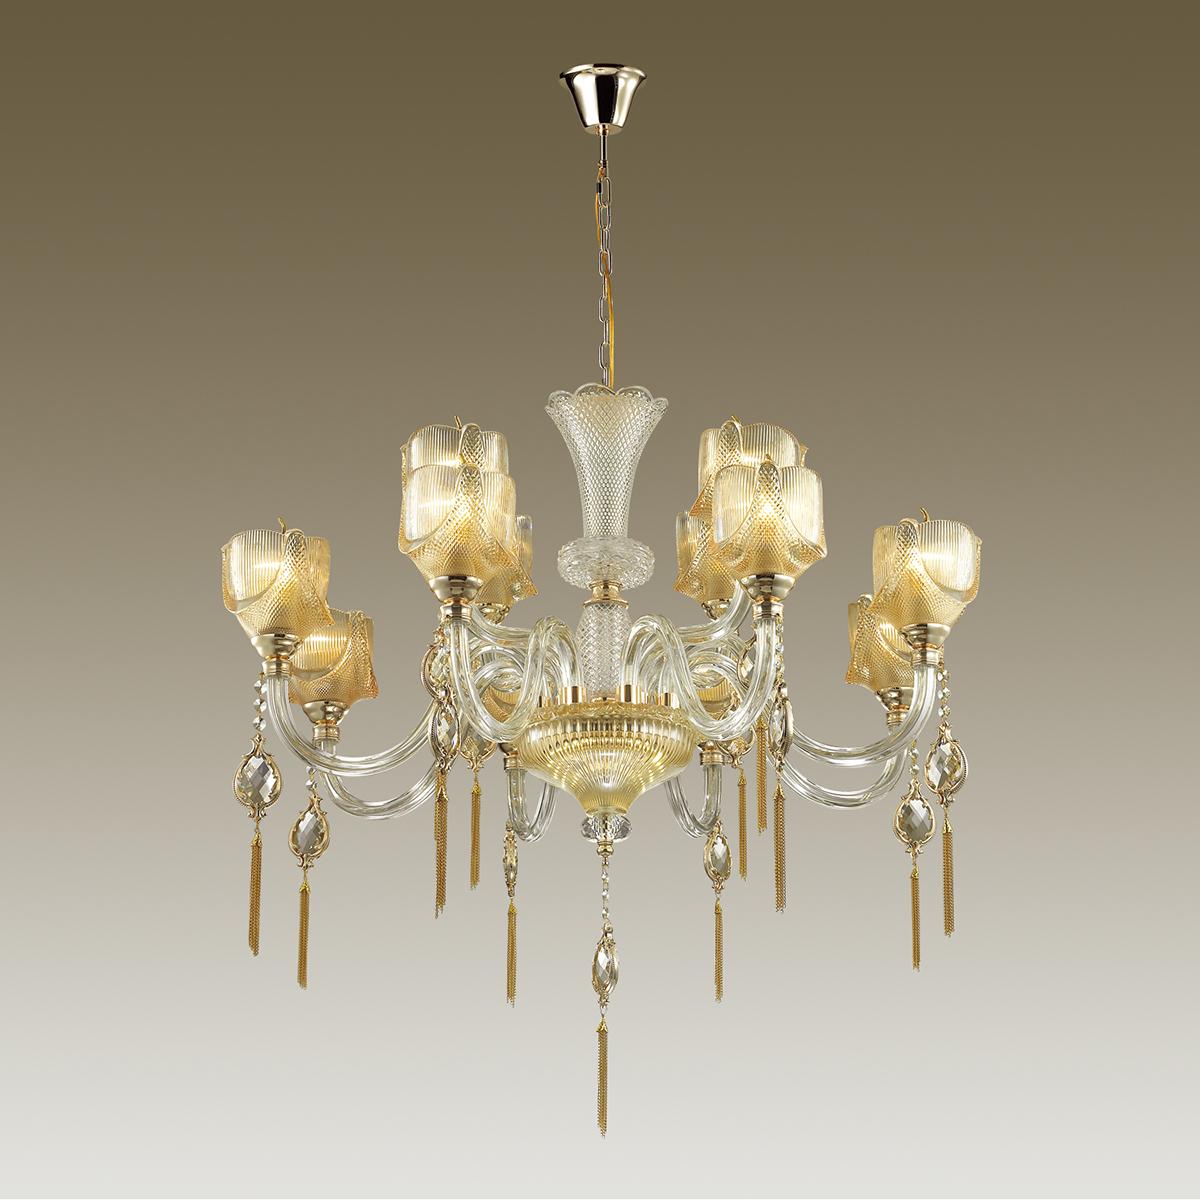 Подвесная люстра Odeon Light Classic Corsa 4002/12, 12xE14x40W, золото, прозрачный, янтарь, стекло, металл с хрусталем - фото 1